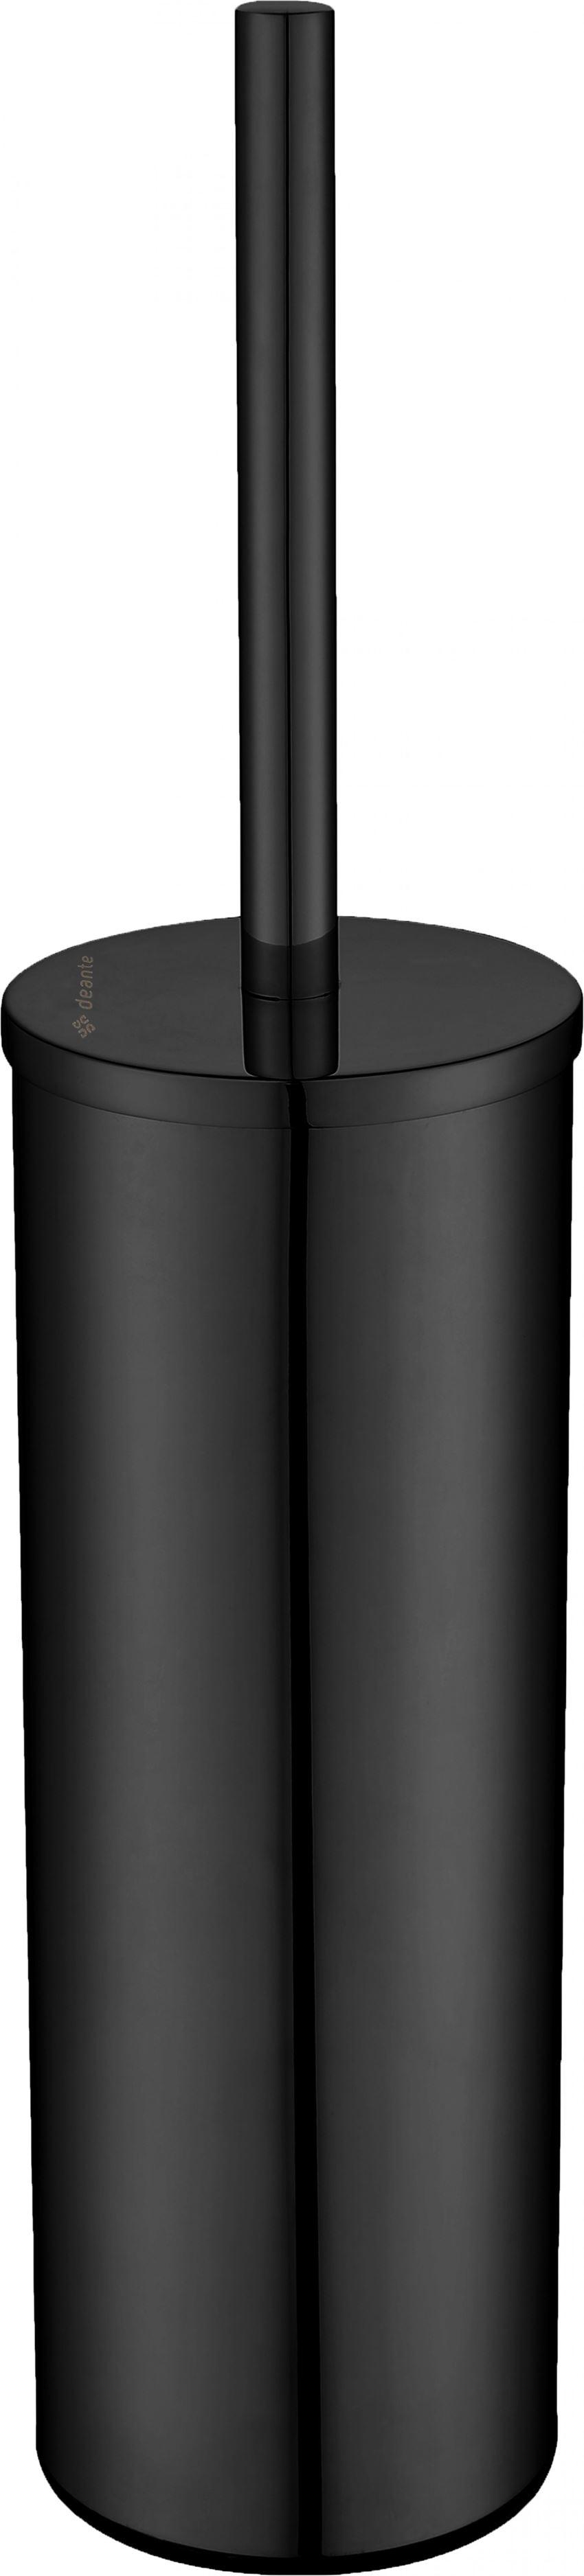 Szczotka WC wolnostojąca z pojemnikiem Deante Round